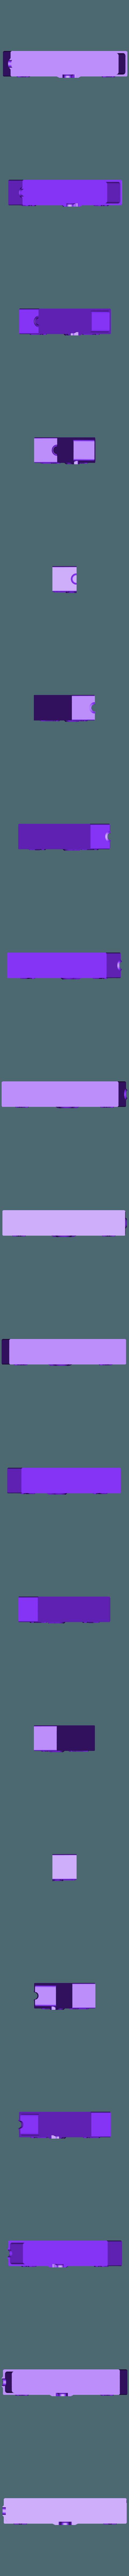 Pièce1.STL Download free STL file Roselle support • 3D print object, anthonylecabellec